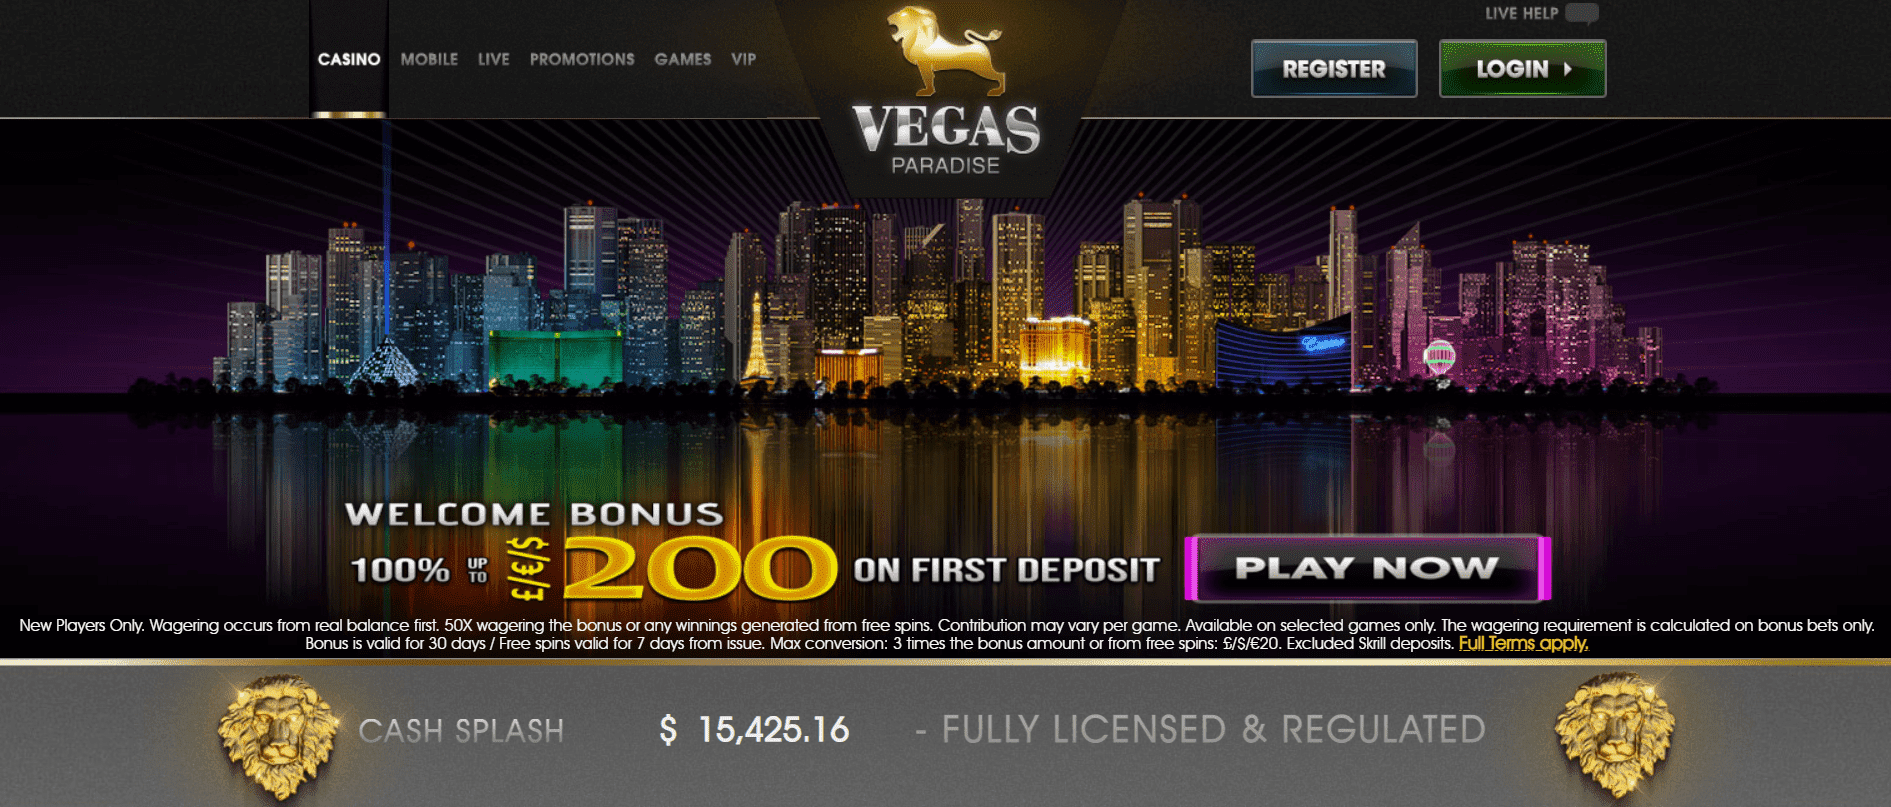 VegasPaaradise Promotion